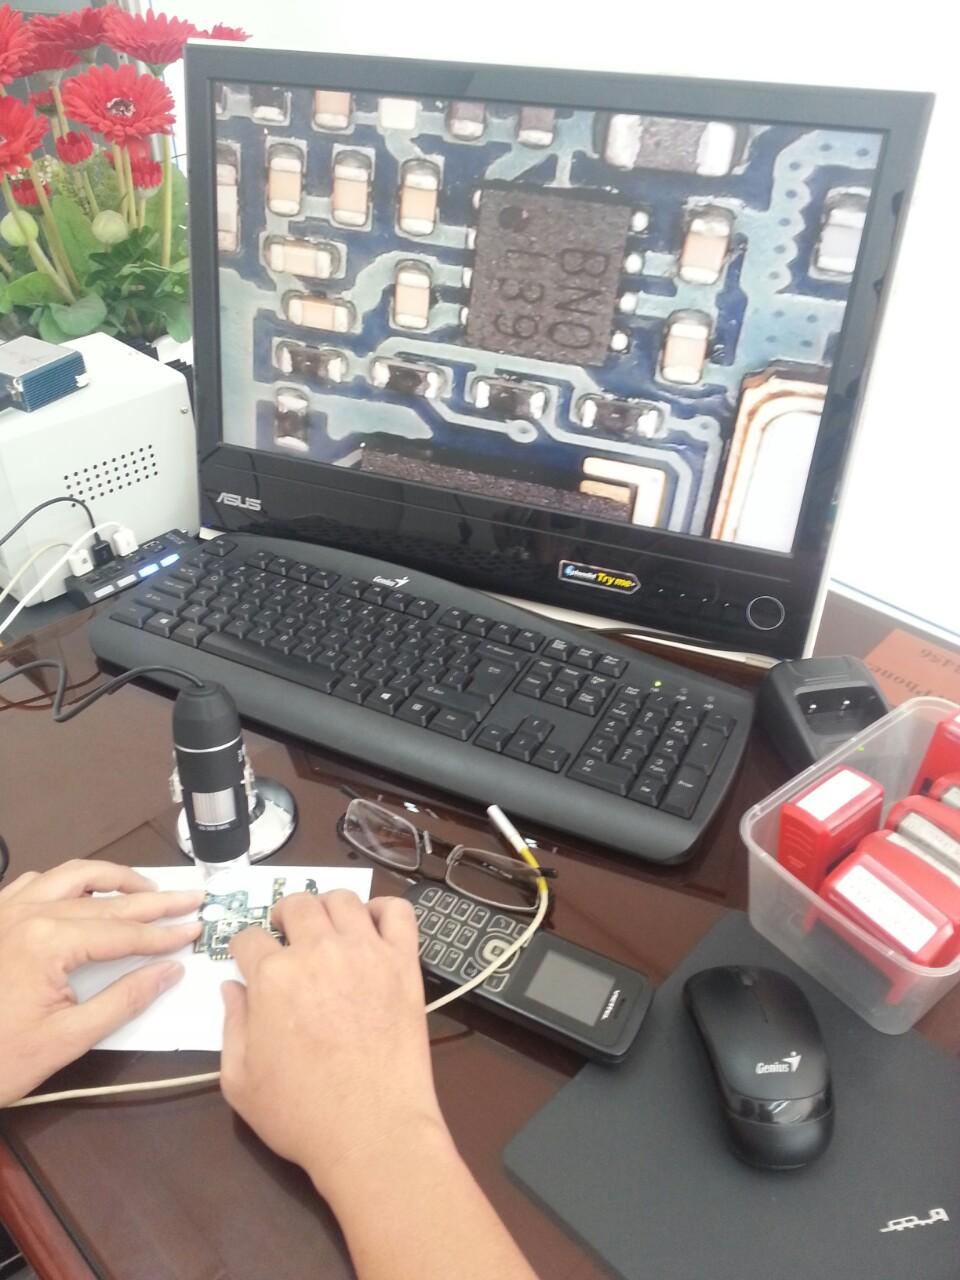 Kính hiển vi kết nối trực tiếp LCD qua cổng USB